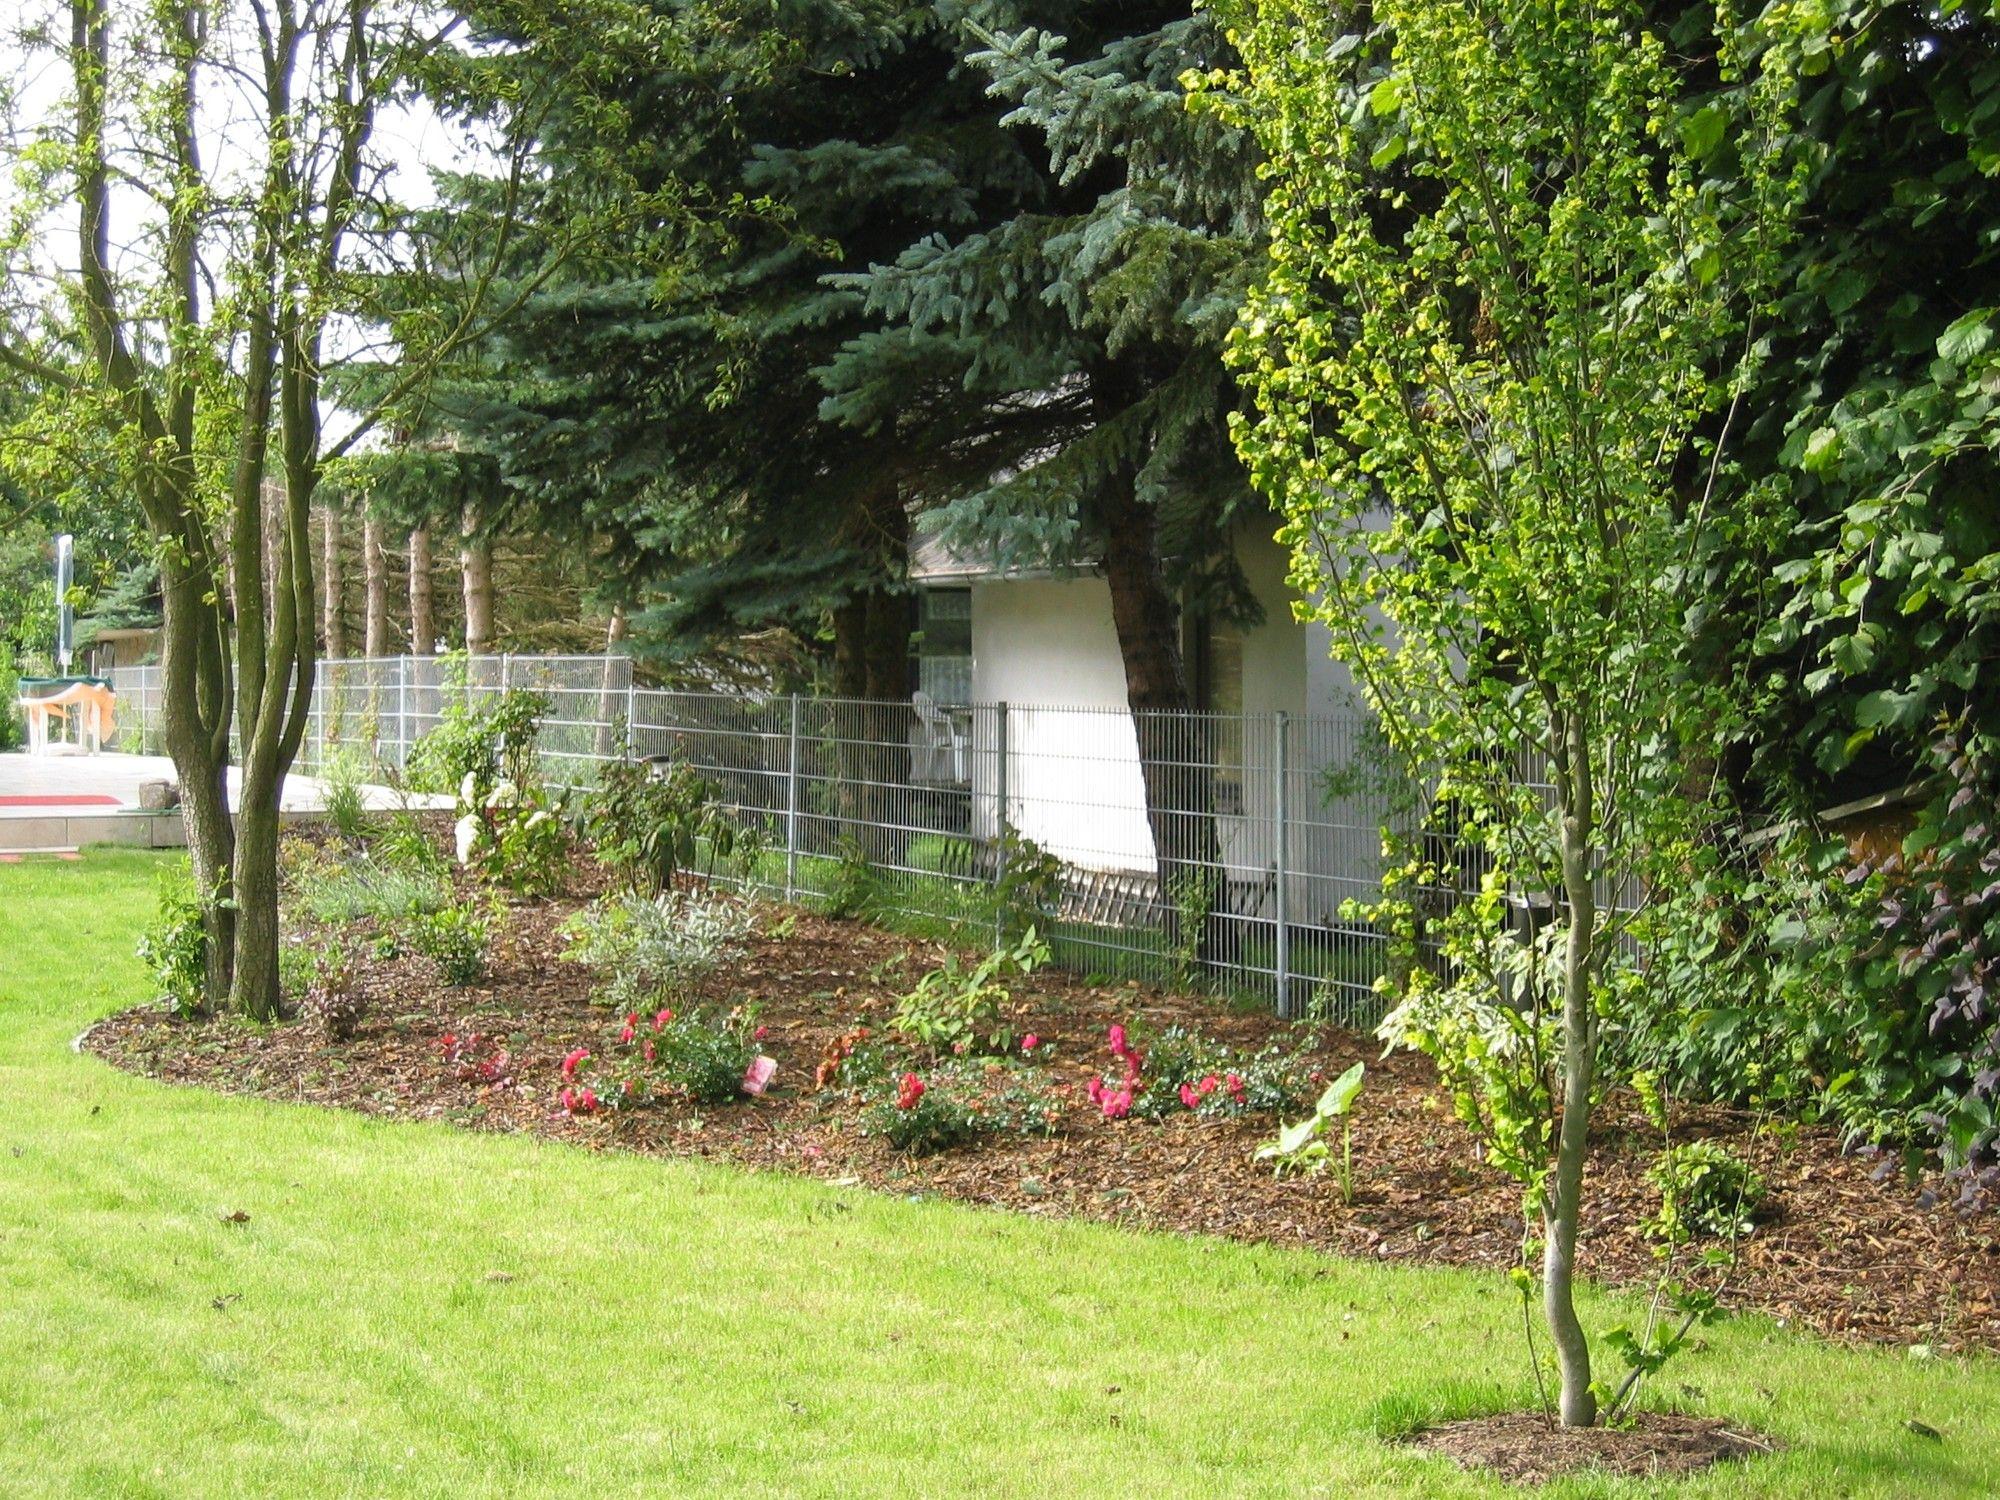 Von der Wiese zum Wochenend-Garten: Umgestaltung von Gartenanlagen mit pflegeleichter Bepflanzung